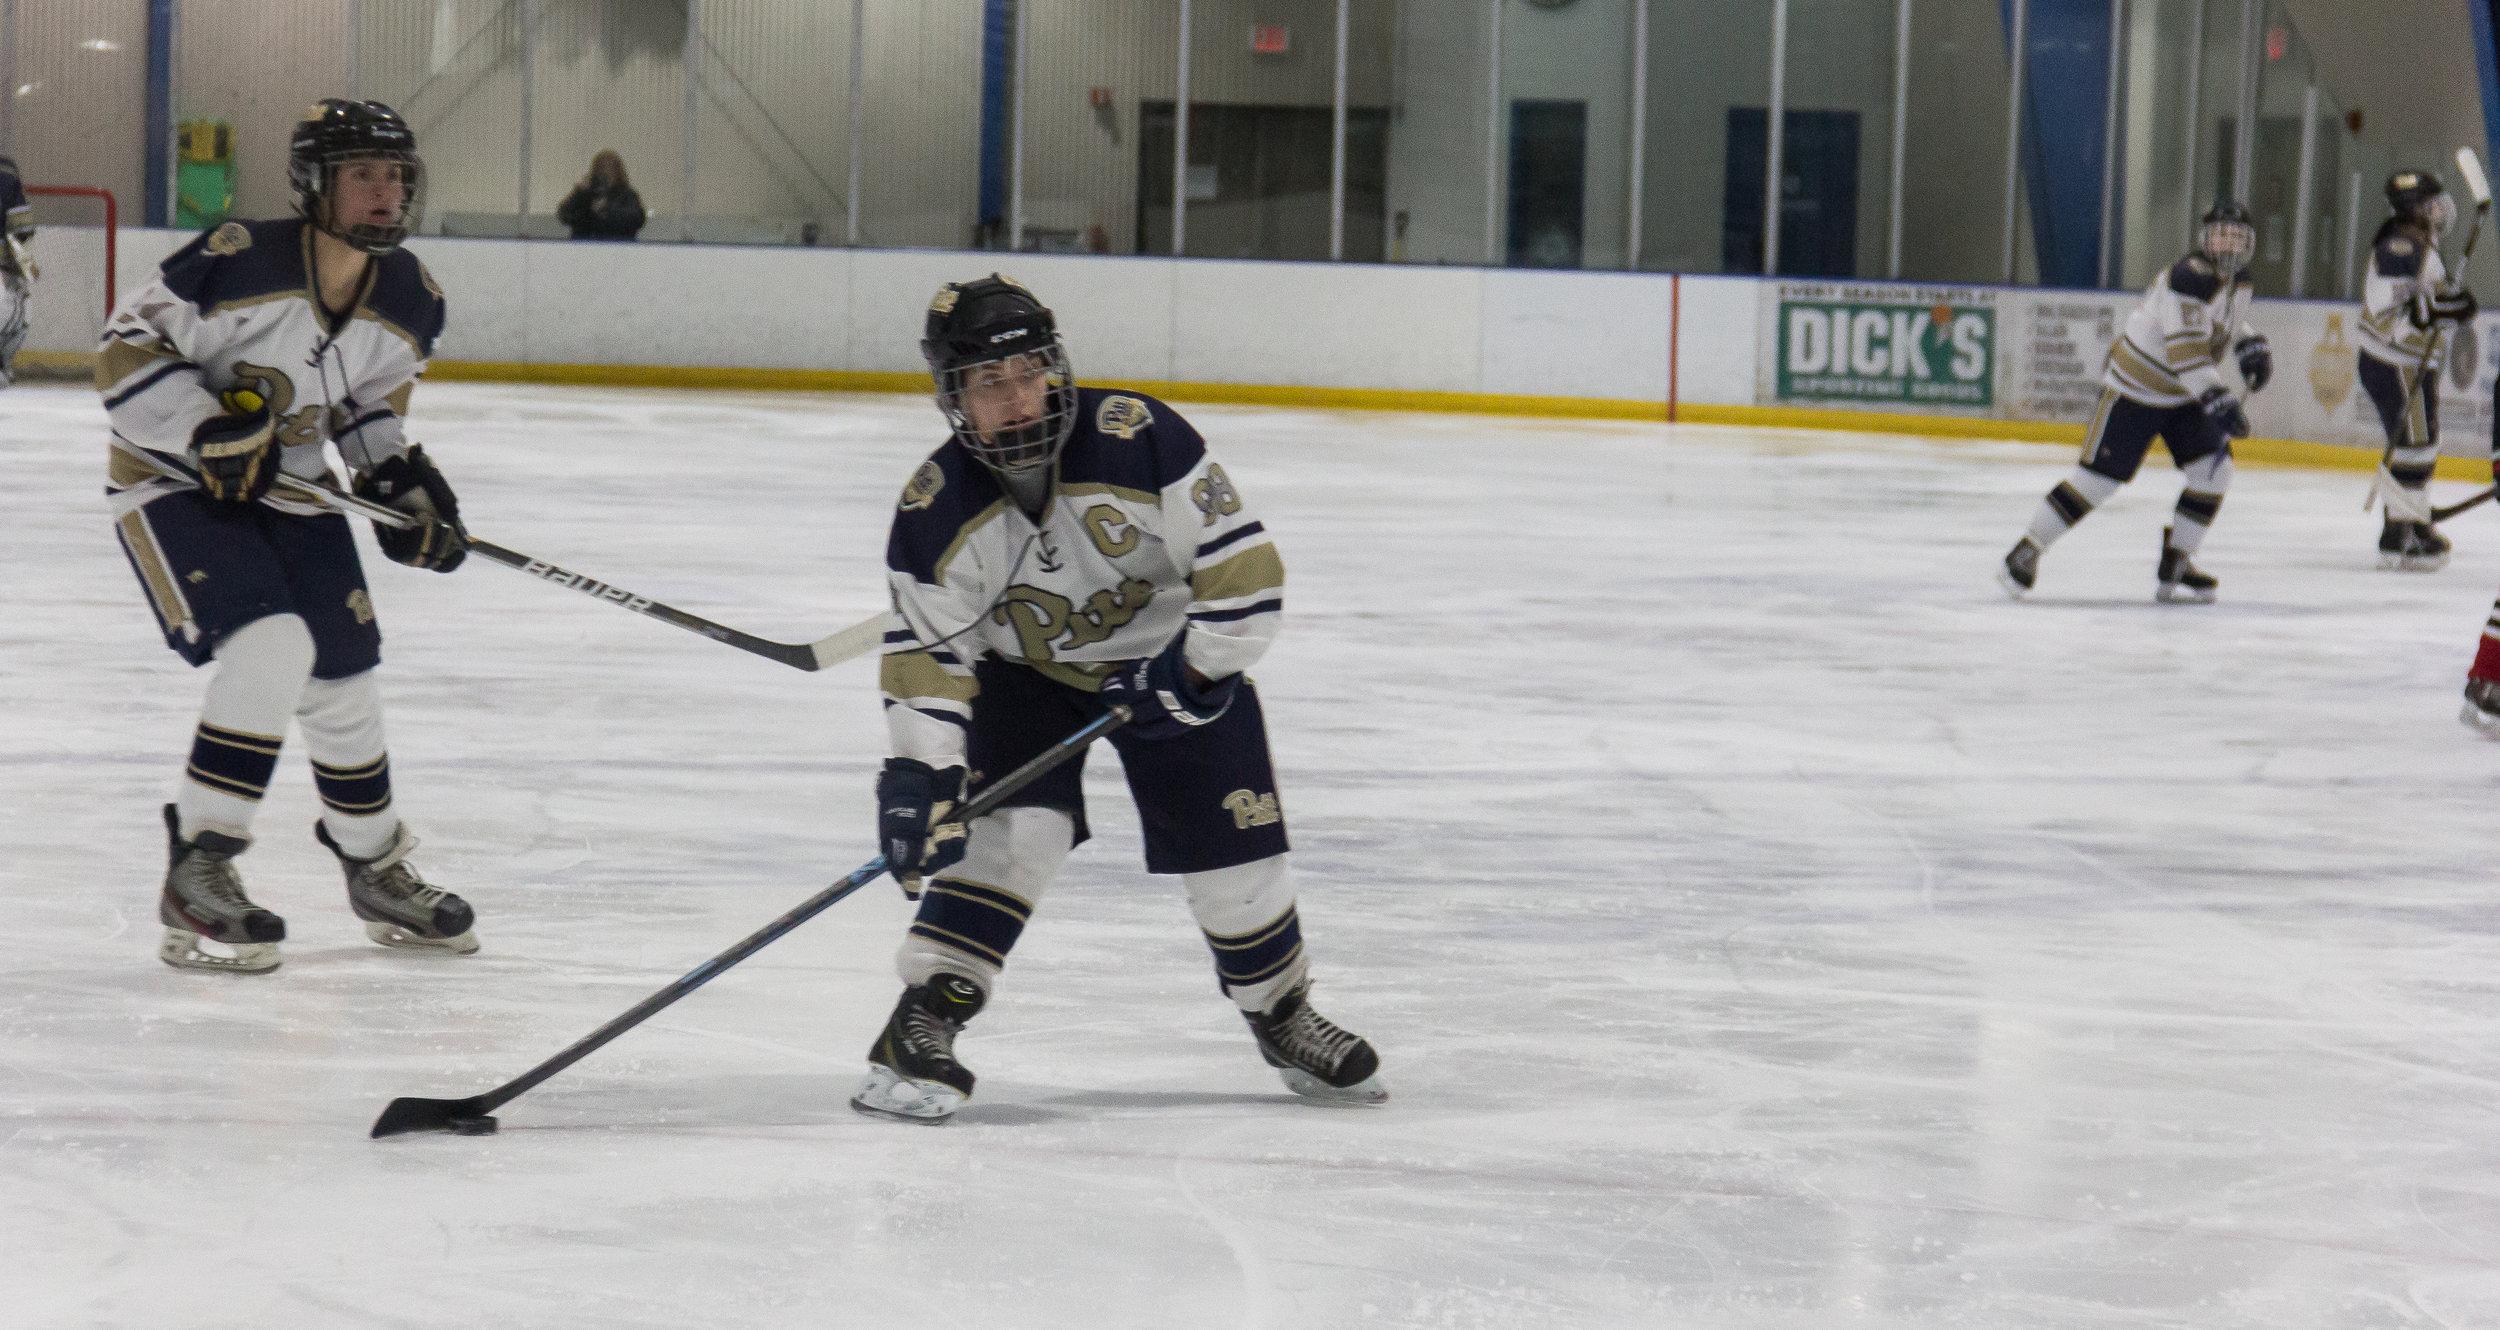 PittHockey-40.jpg